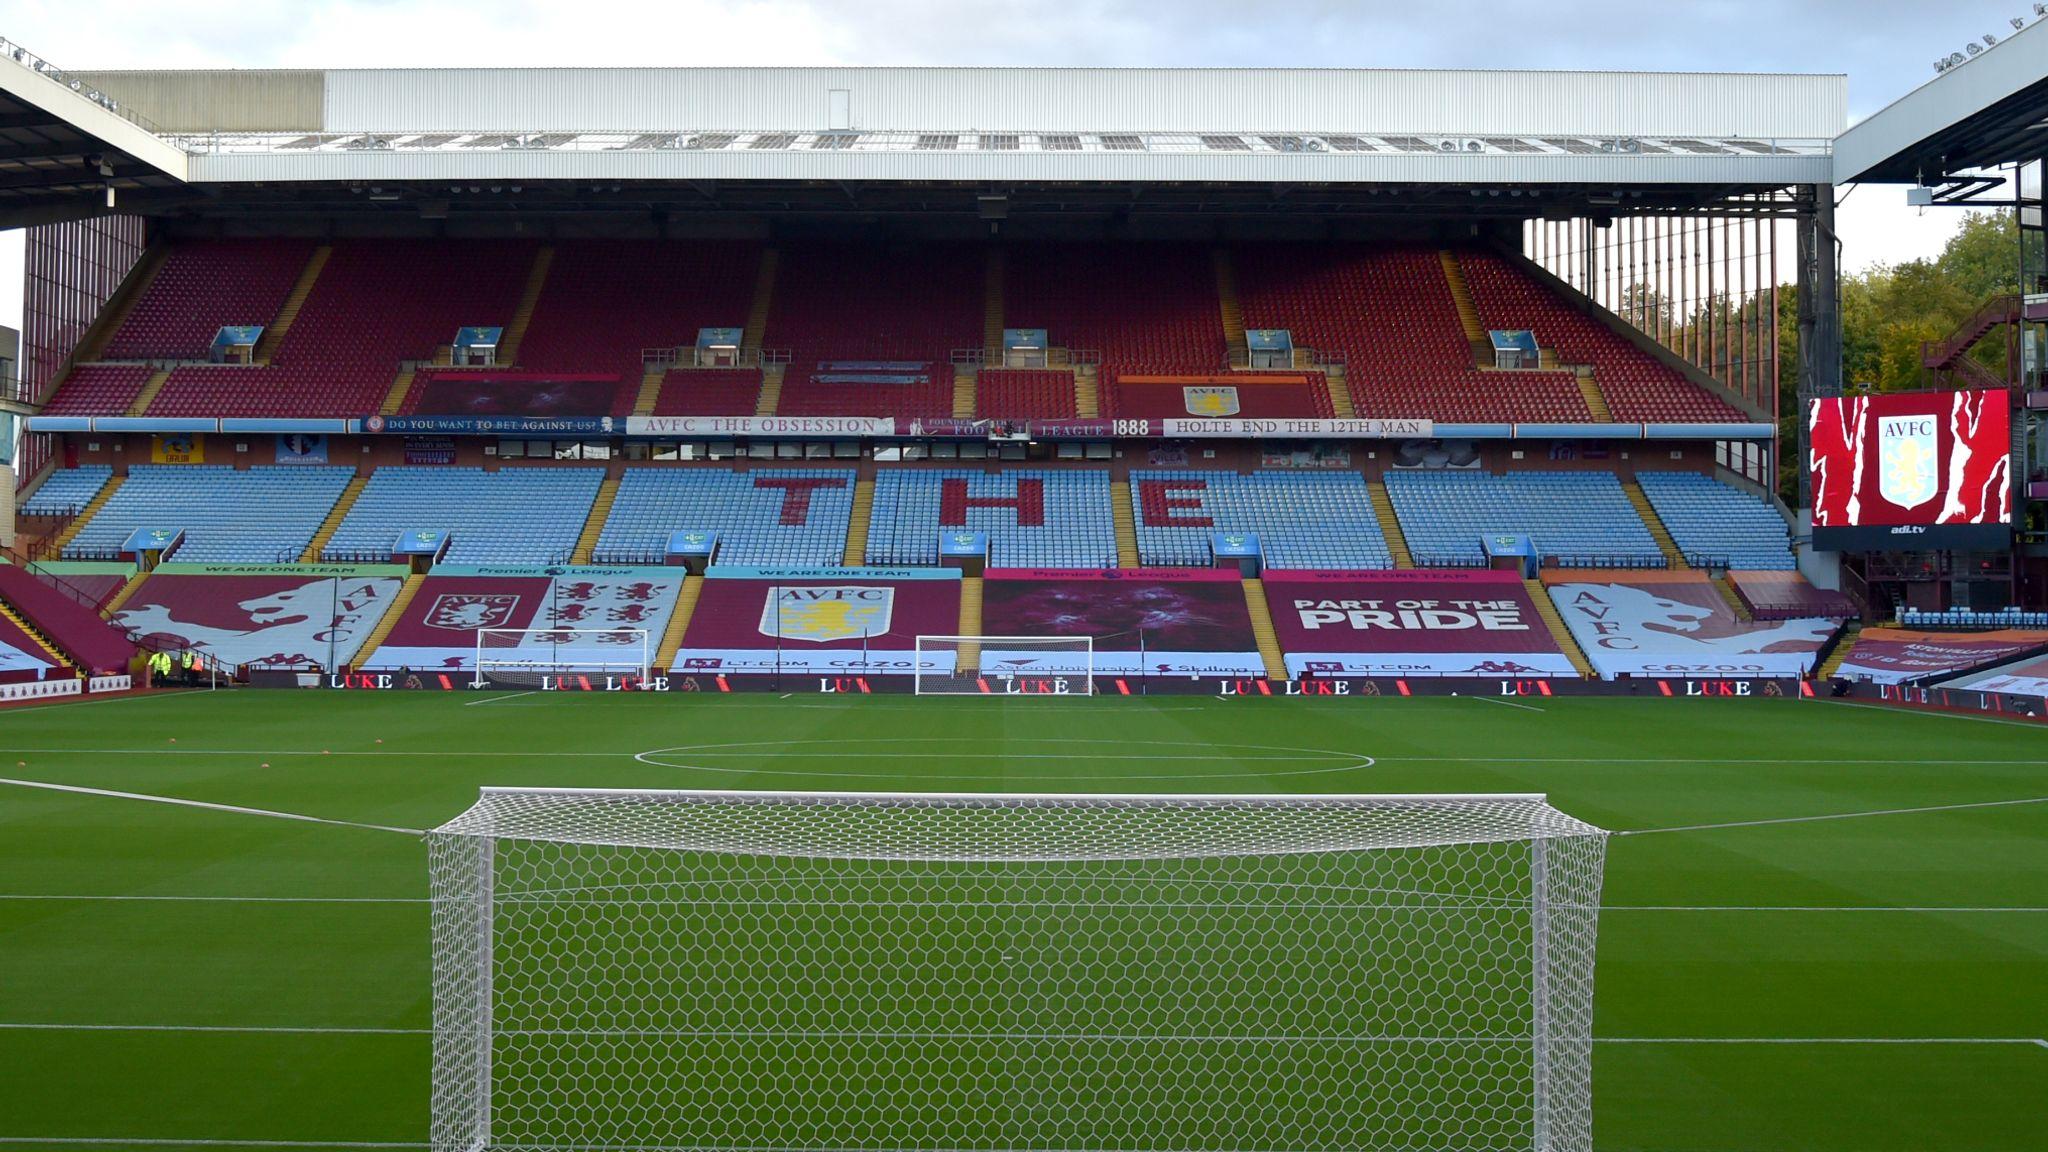 Trận đấu giữa Aston Villa vs Everton bị hoãn vì Covid-19